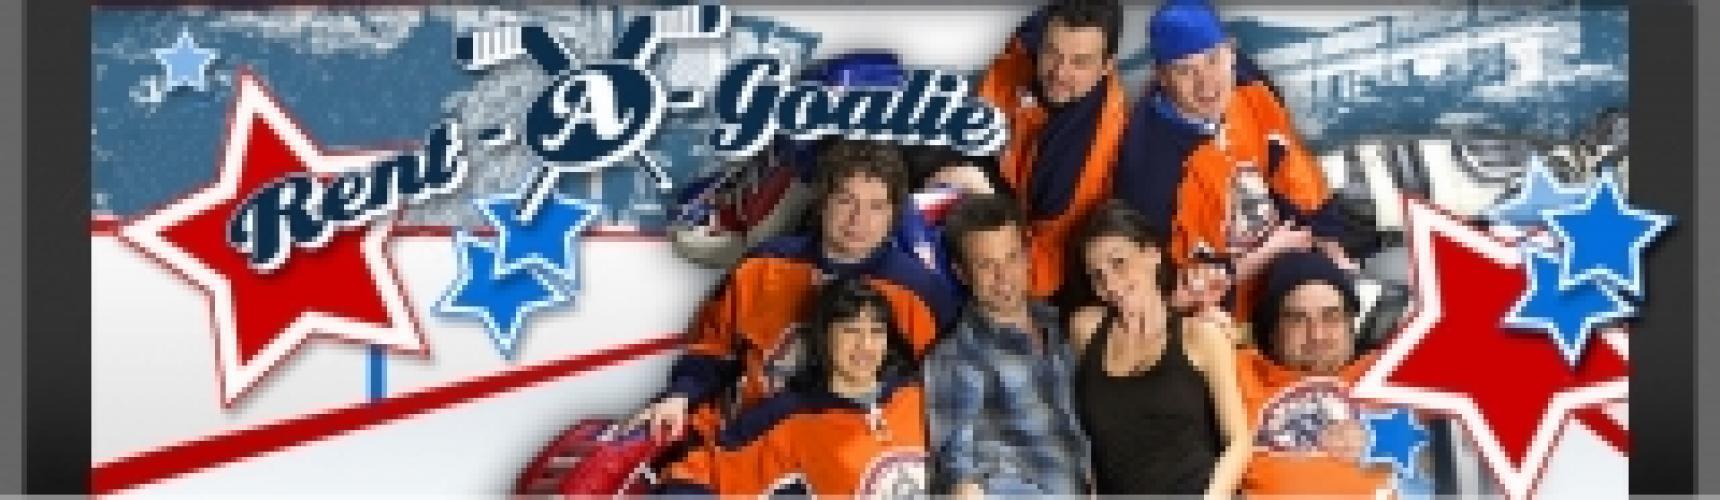 Rent-a-Goalie next episode air date poster